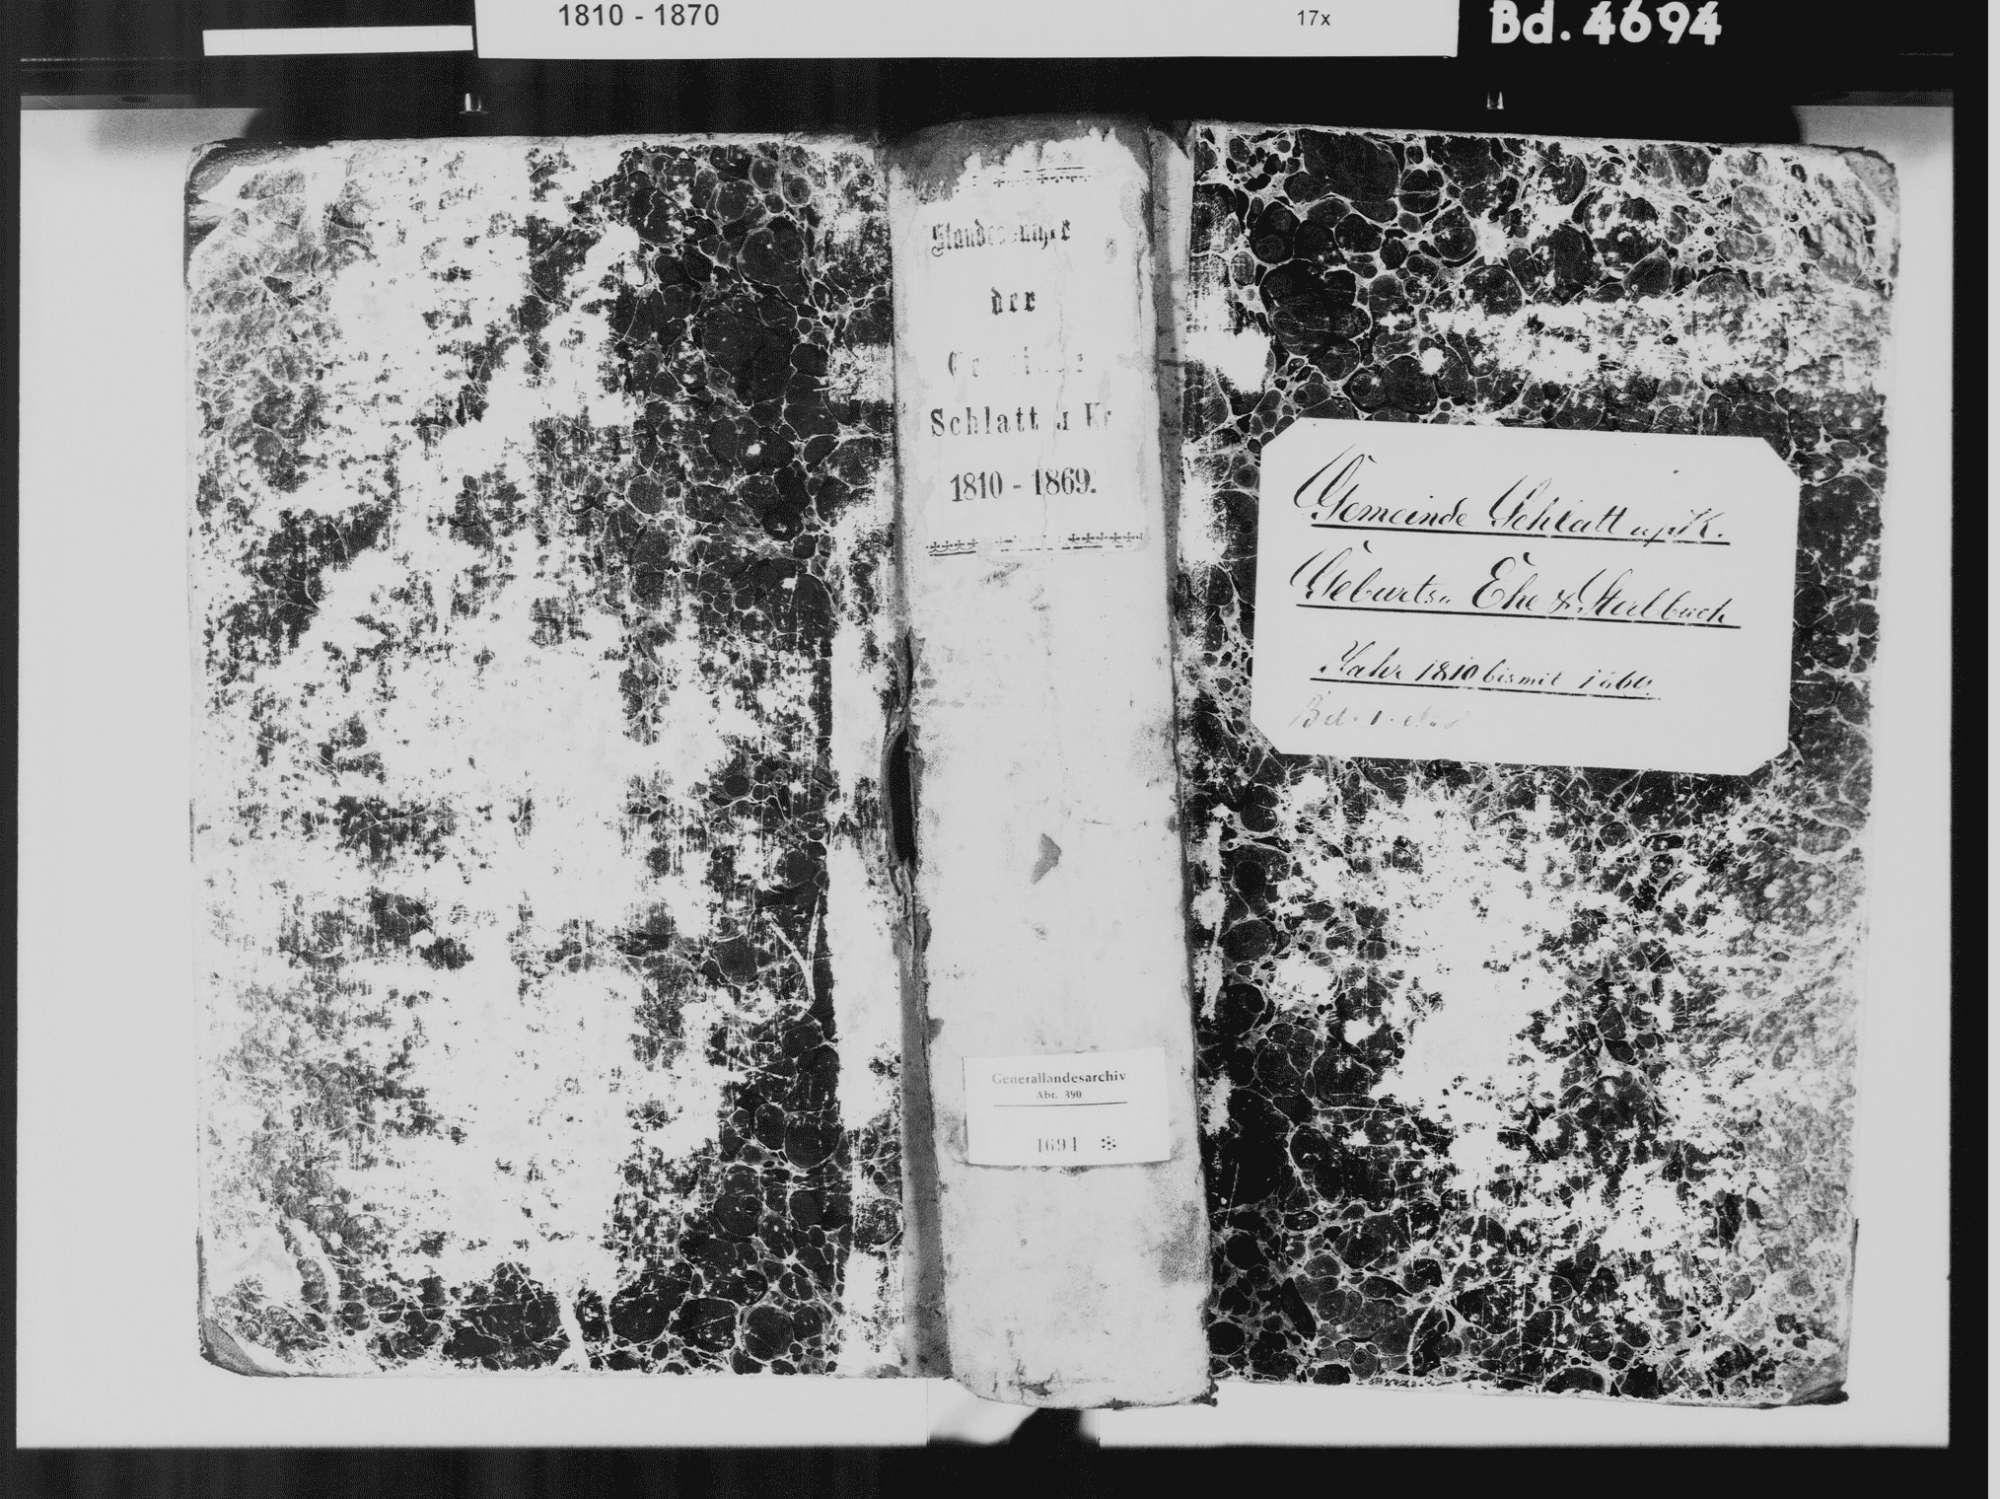 Schlatt unter Krähen, Singen (Hohentwiel) KN; Katholische Gemeinde: Standesbuch 1810-1869, Bild 2